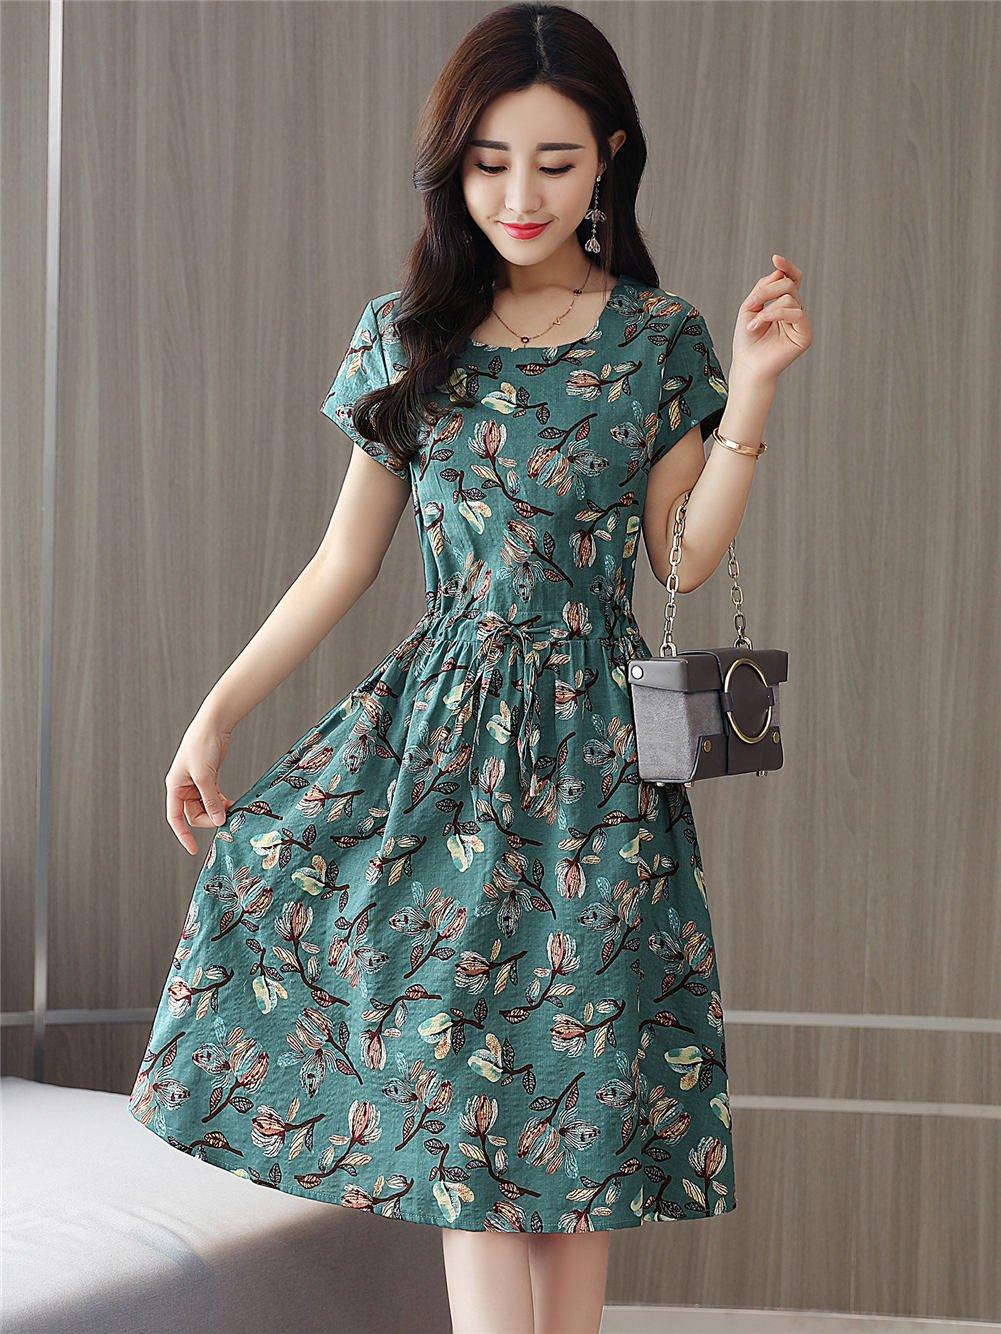 Fanru 梵如 女式 夏装新款韩版修身印花棉麻连衣裙女短袖中长款淑女气质学院风裙子 F518-620A